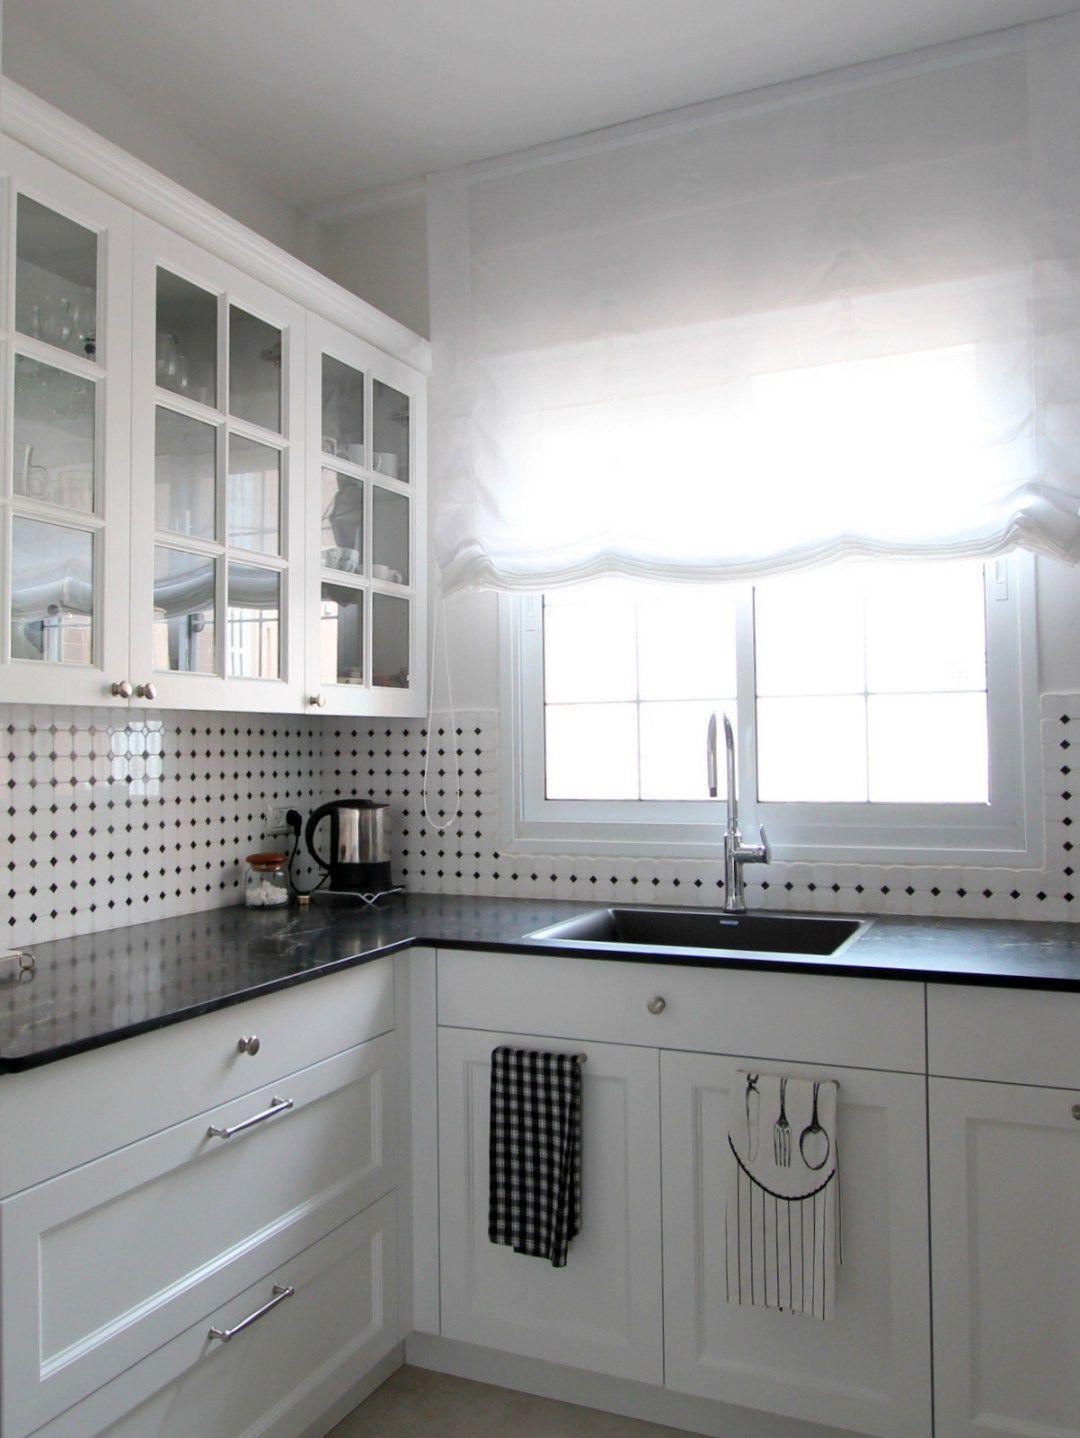 Backsplash around kitchen window  black and white french kitchen marble backsplash window kitchen soft